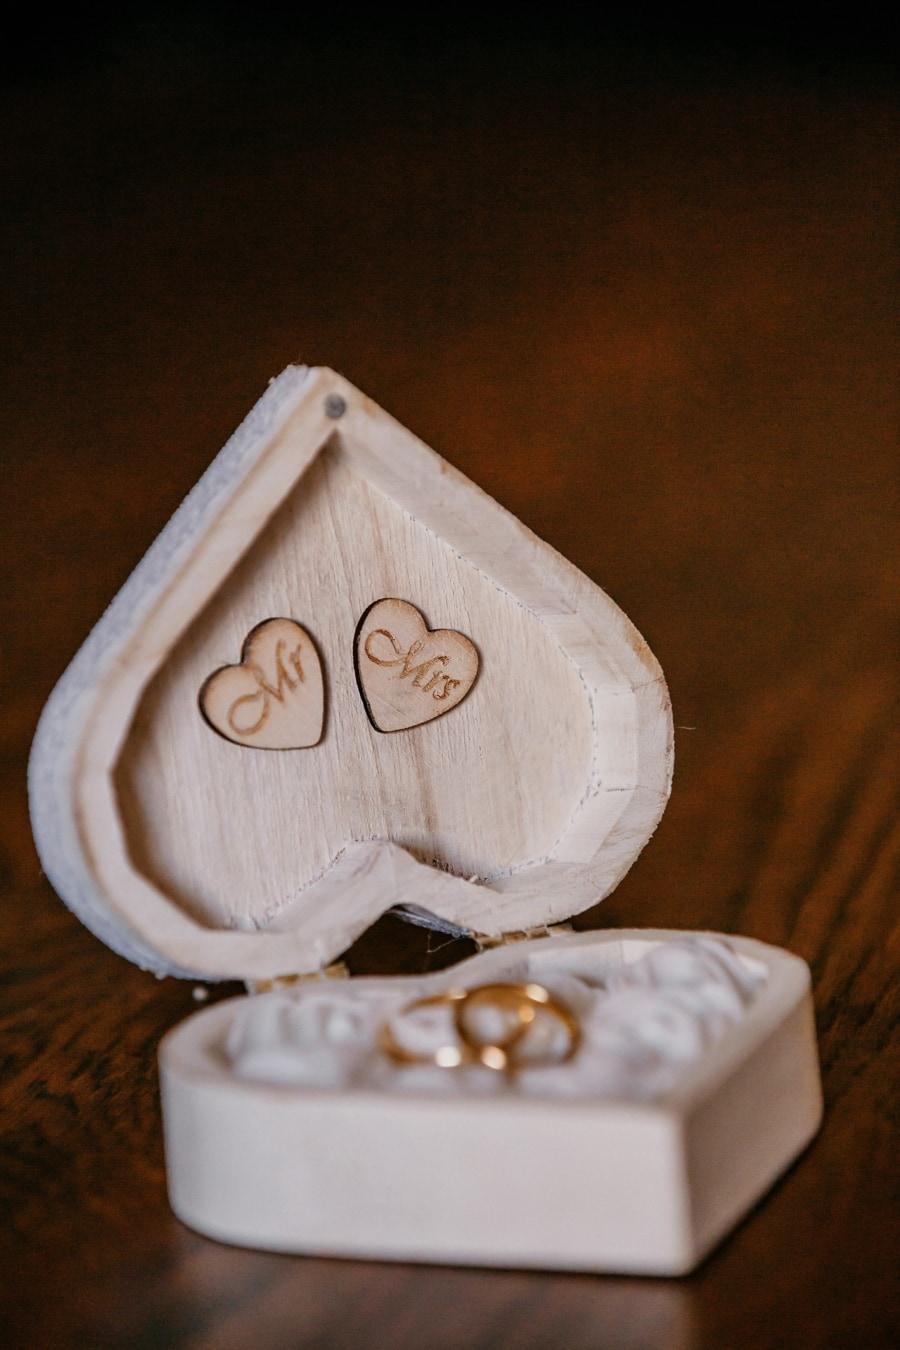 Herz, Form, im Feld, Ehering, Schmuck, Ringe, Liebe, handgefertigte, Still-Leben, Romantik